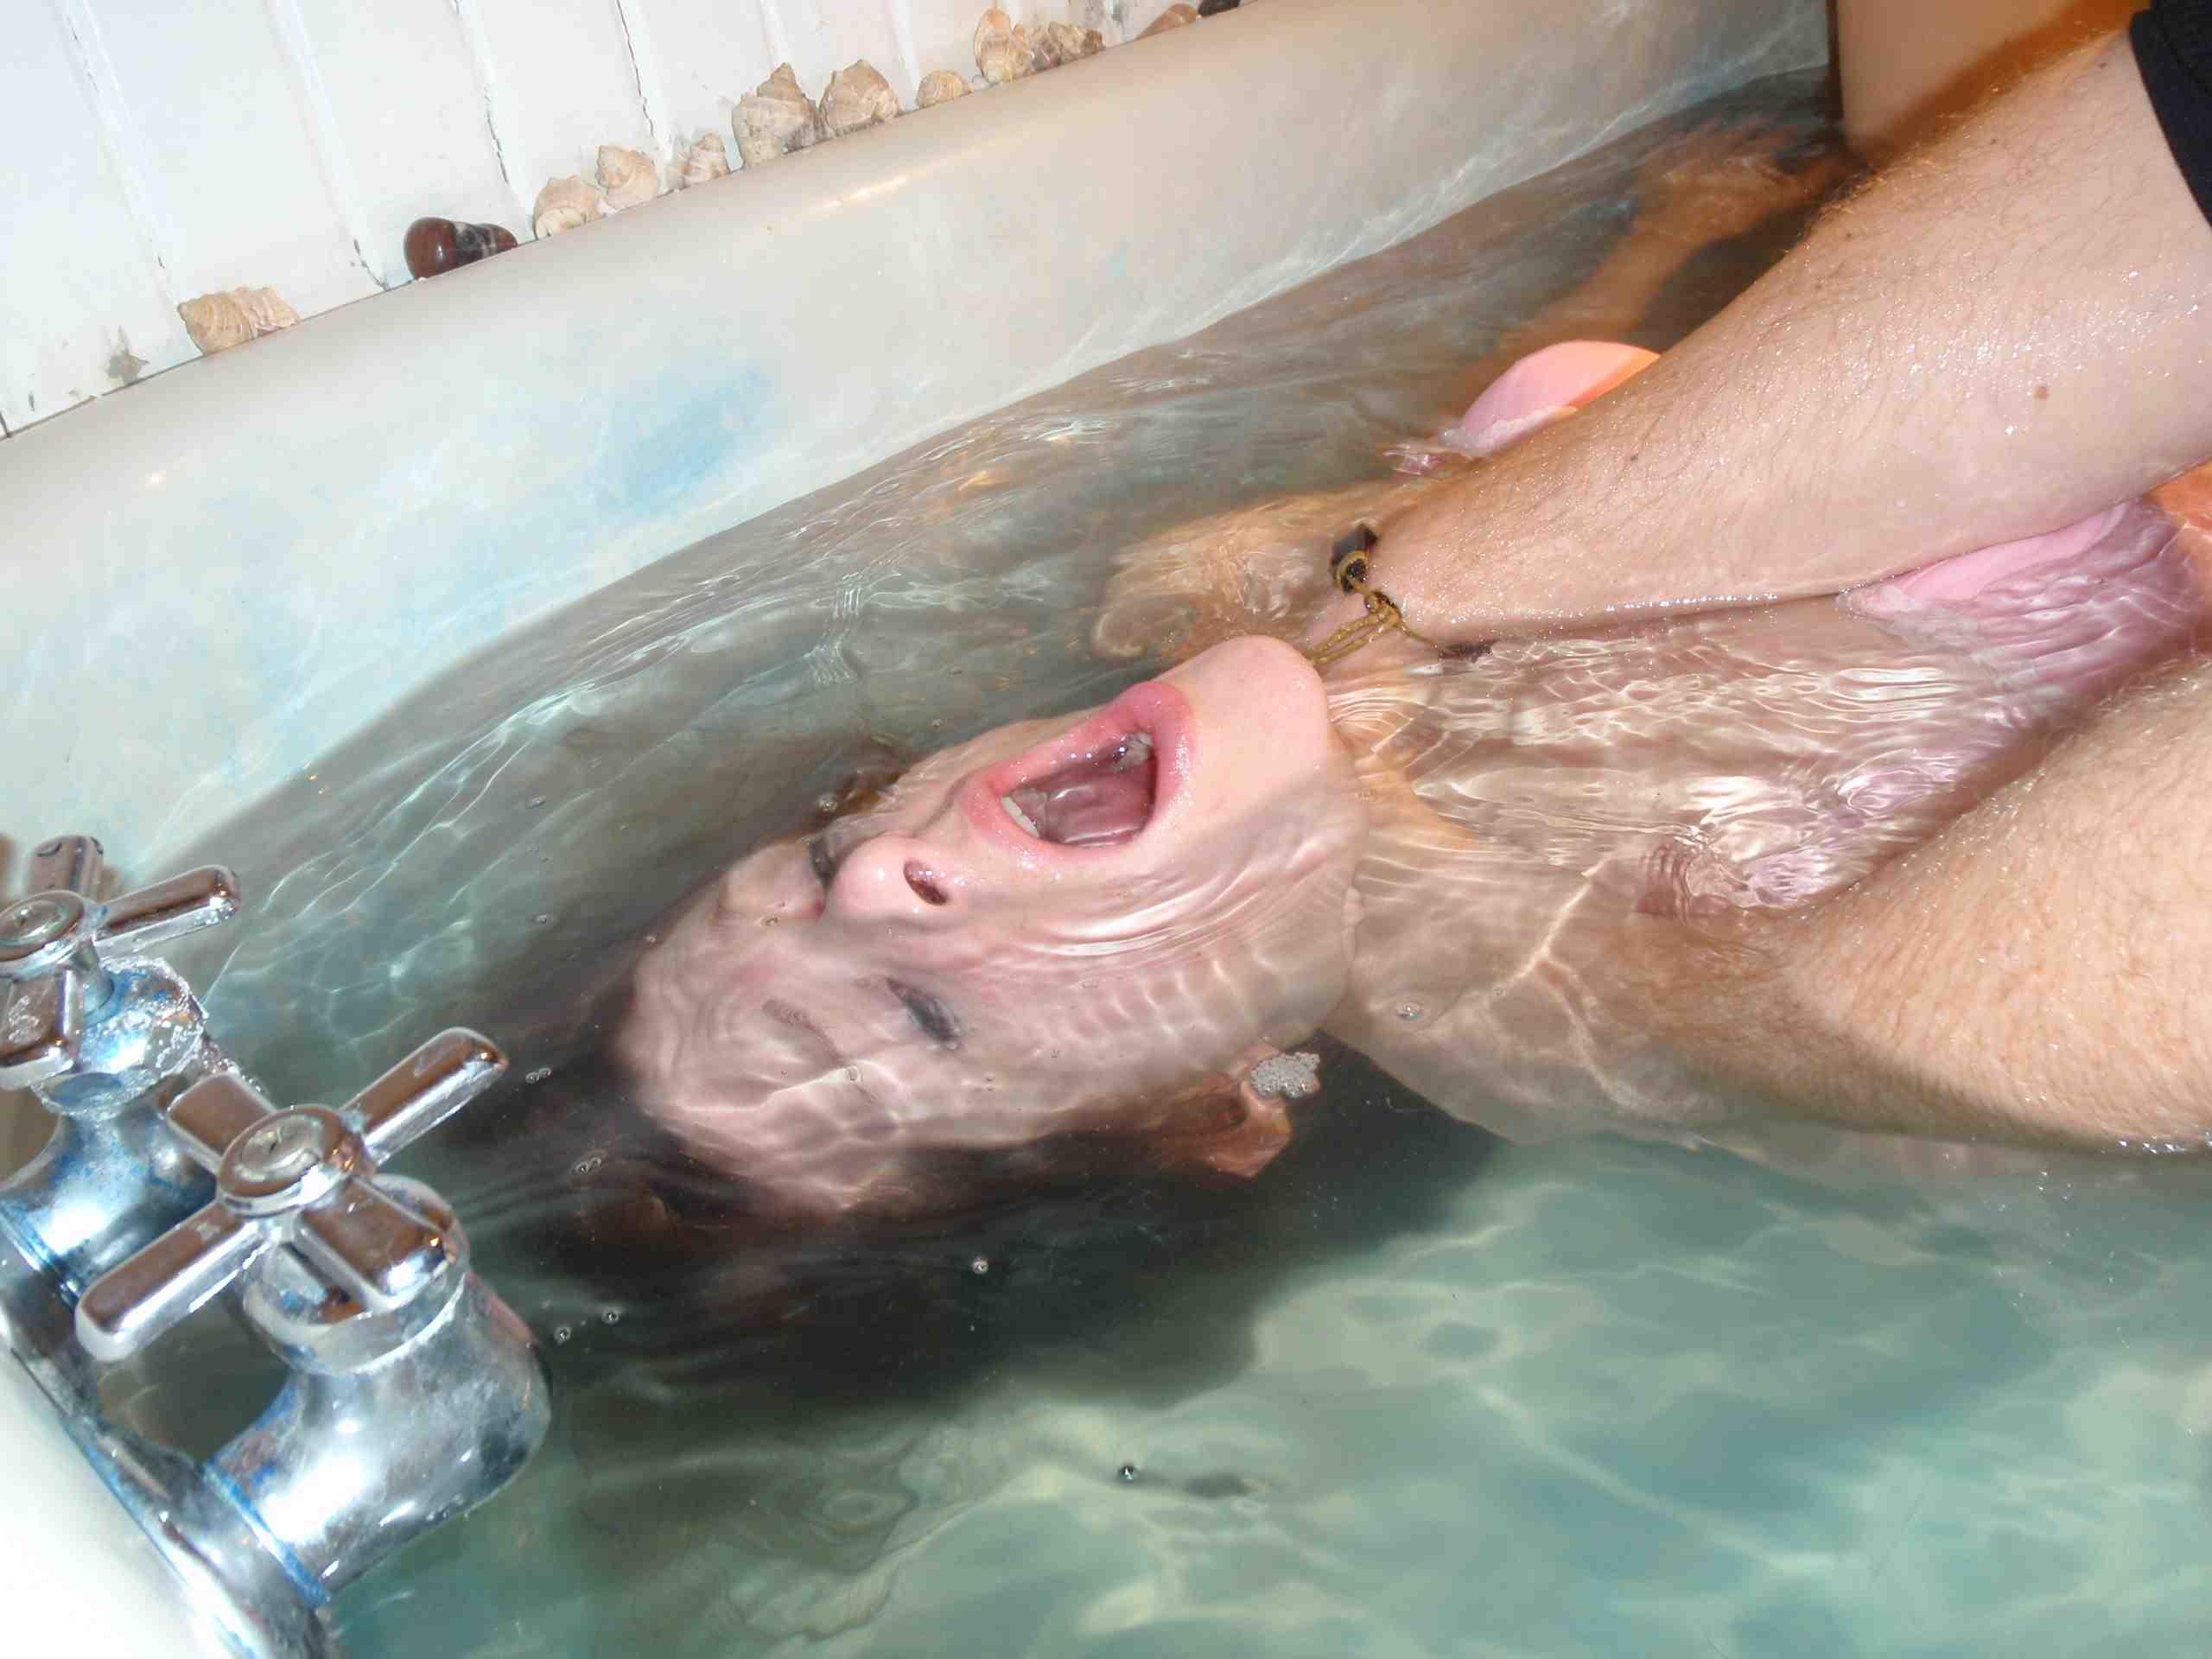 【閲覧注意】「水地獄」とかいうプレイ、、、これは死ぬ。(画像あり)・7枚目